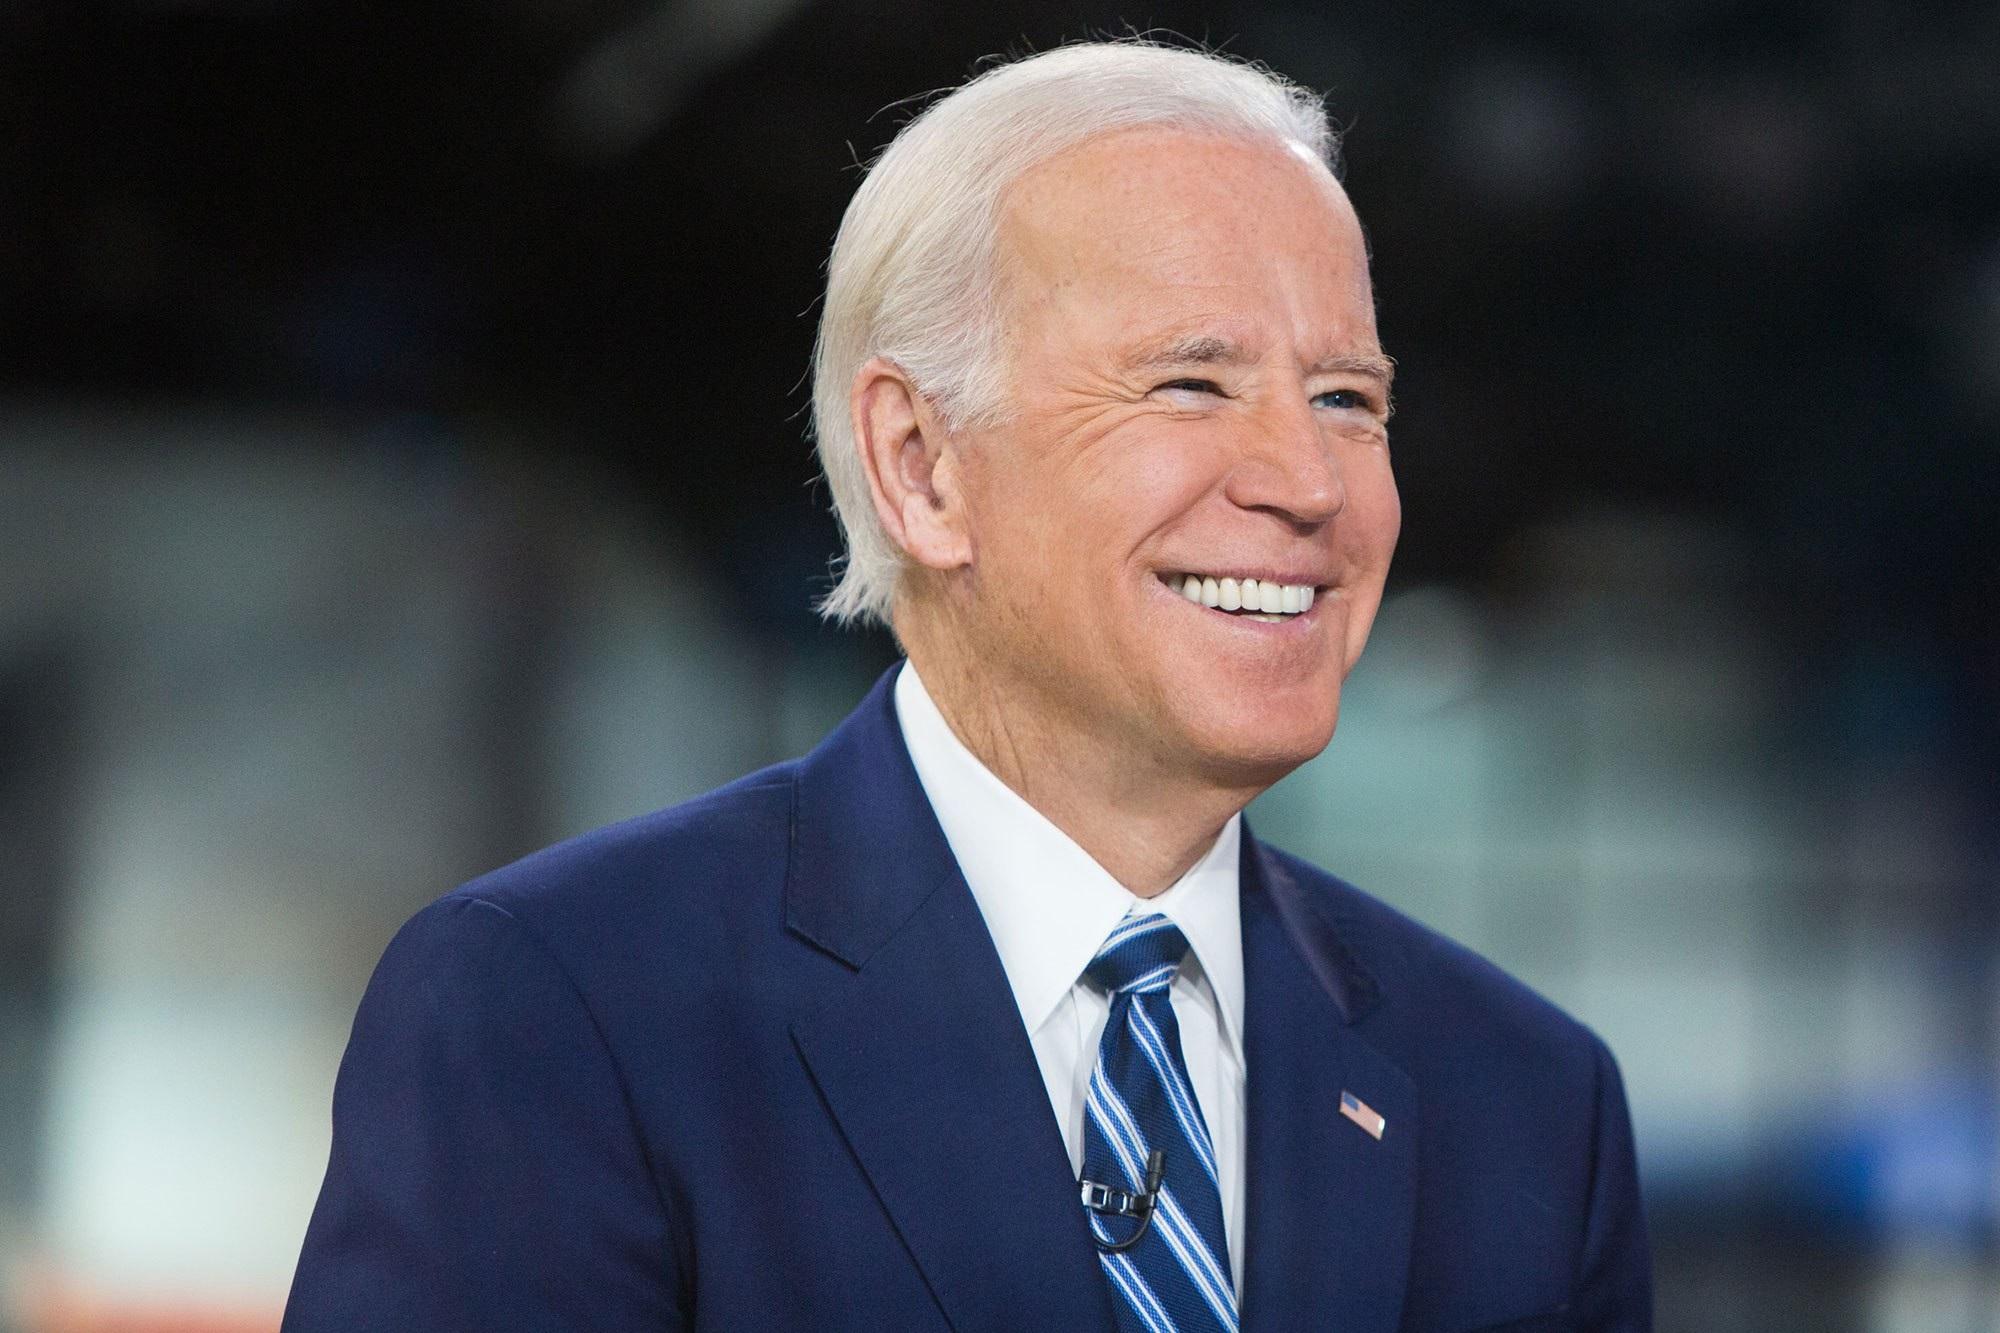 Ông Joe Biden có thể tranh cử tổng thống Mỹ để đấu với ông Trump - Ảnh 1.